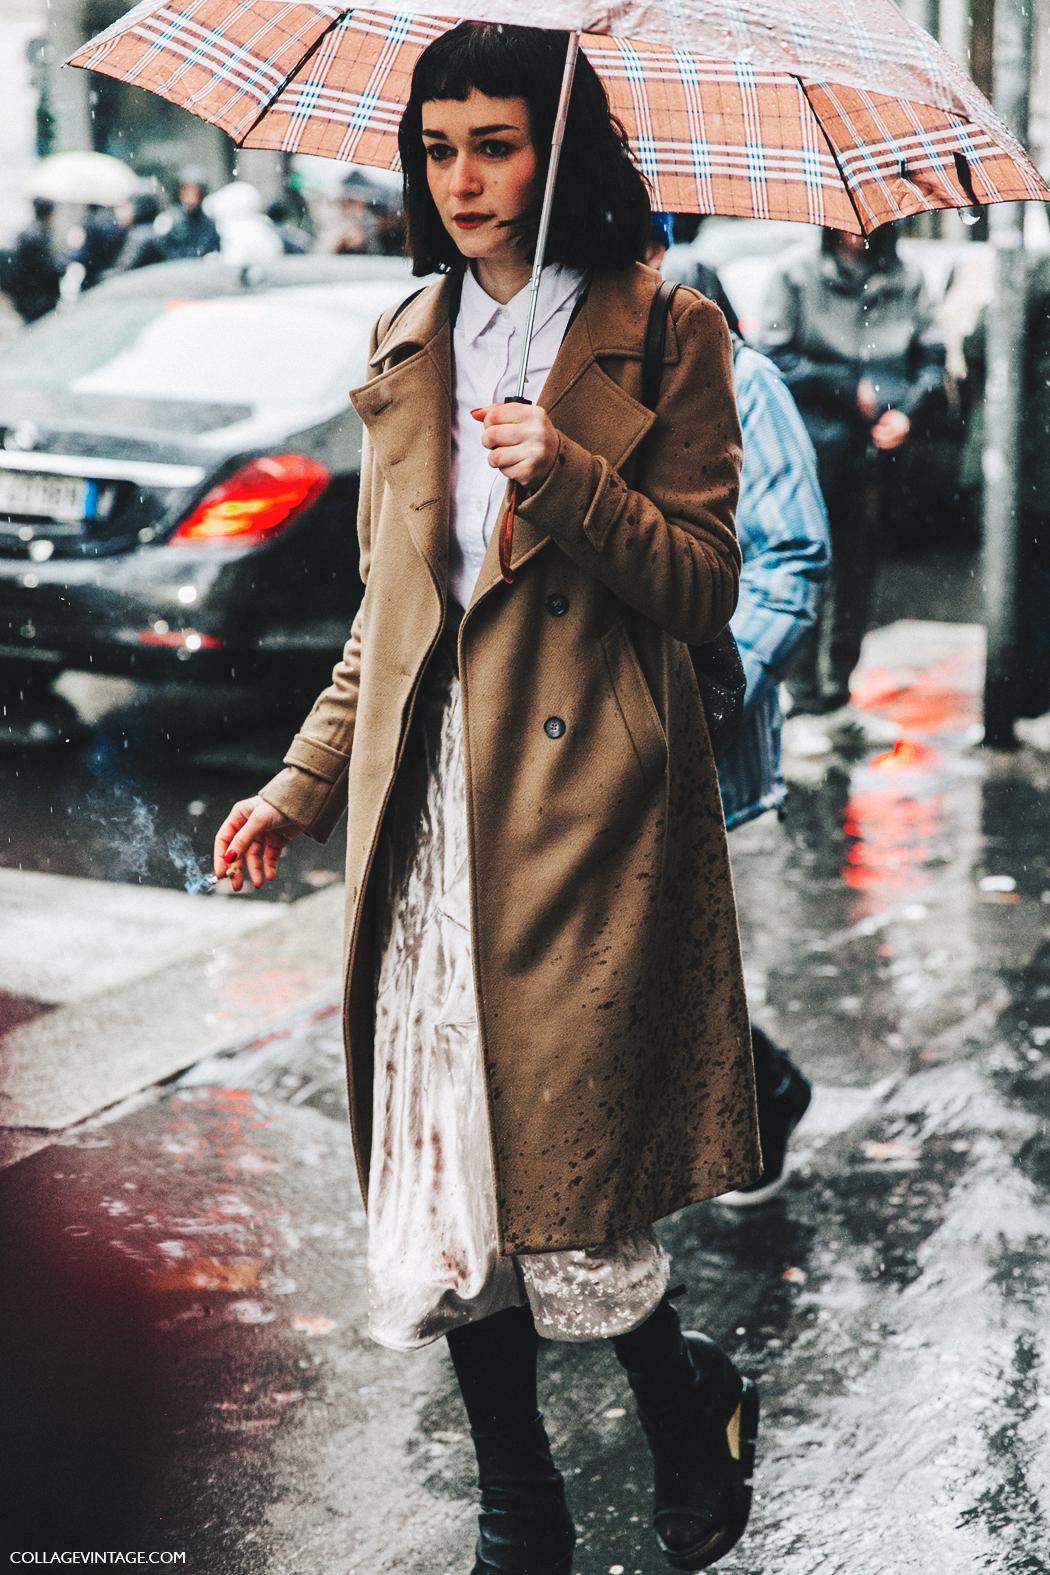 Milan_Fashion_Week_Fall_16-MFW-Street_Style-Collage_Vintage-Camel_Coat-